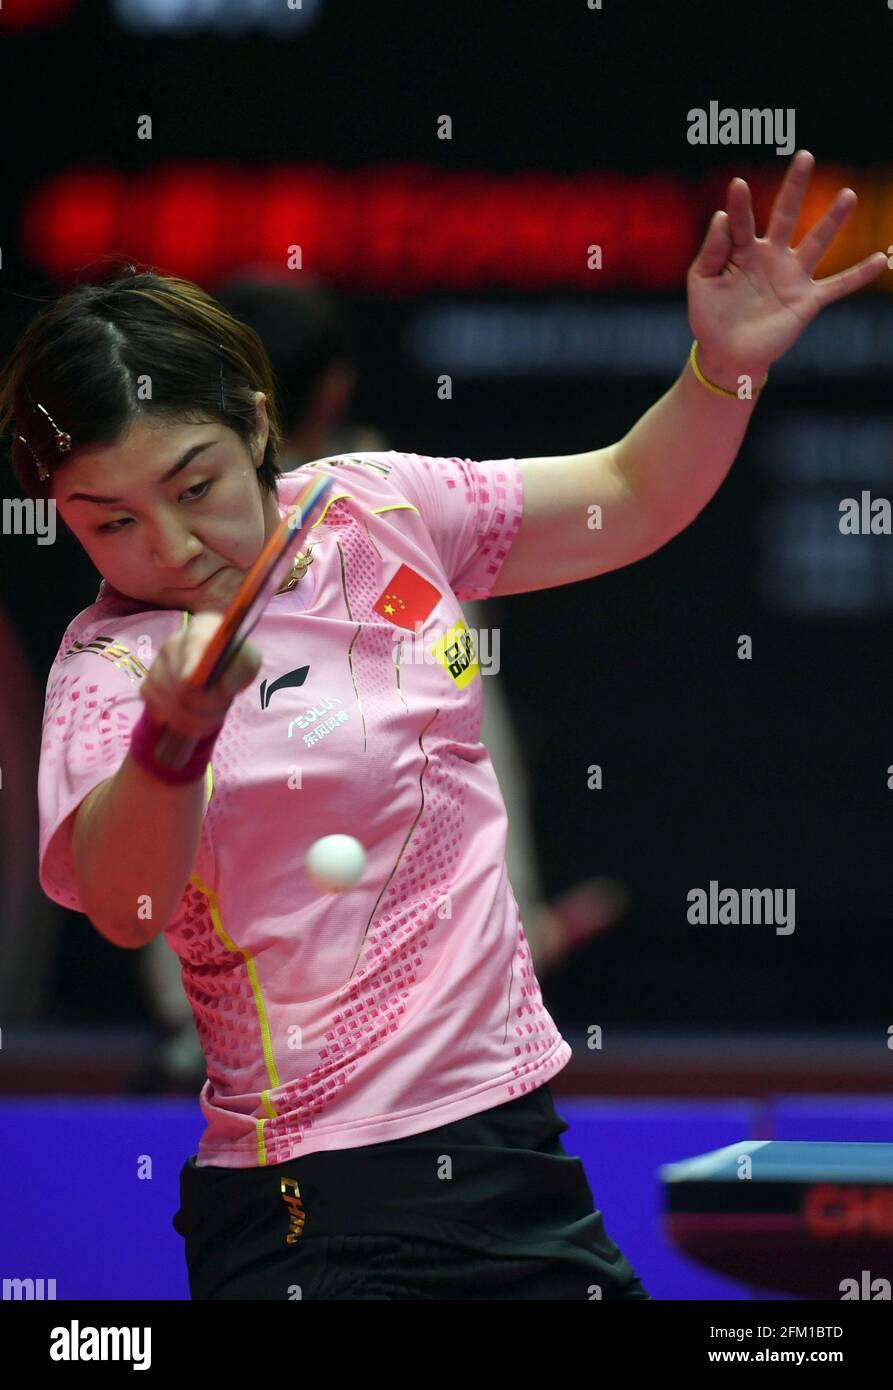 Xinxiang, province chinoise du Henan. 5 mai 2021. Chen Meng retourne le ballon lors de la quart-finale des femmes célibataires contre Liu Fei lors des essais de Grand smashes de WTT (World Table tennis) 2021 et de la simulation olympique à Xinxiang, dans la province de Henan, dans le centre de la Chine, le 5 mai 2021. Credit: Li Jianan/Xinhua/Alamy Live News Banque D'Images